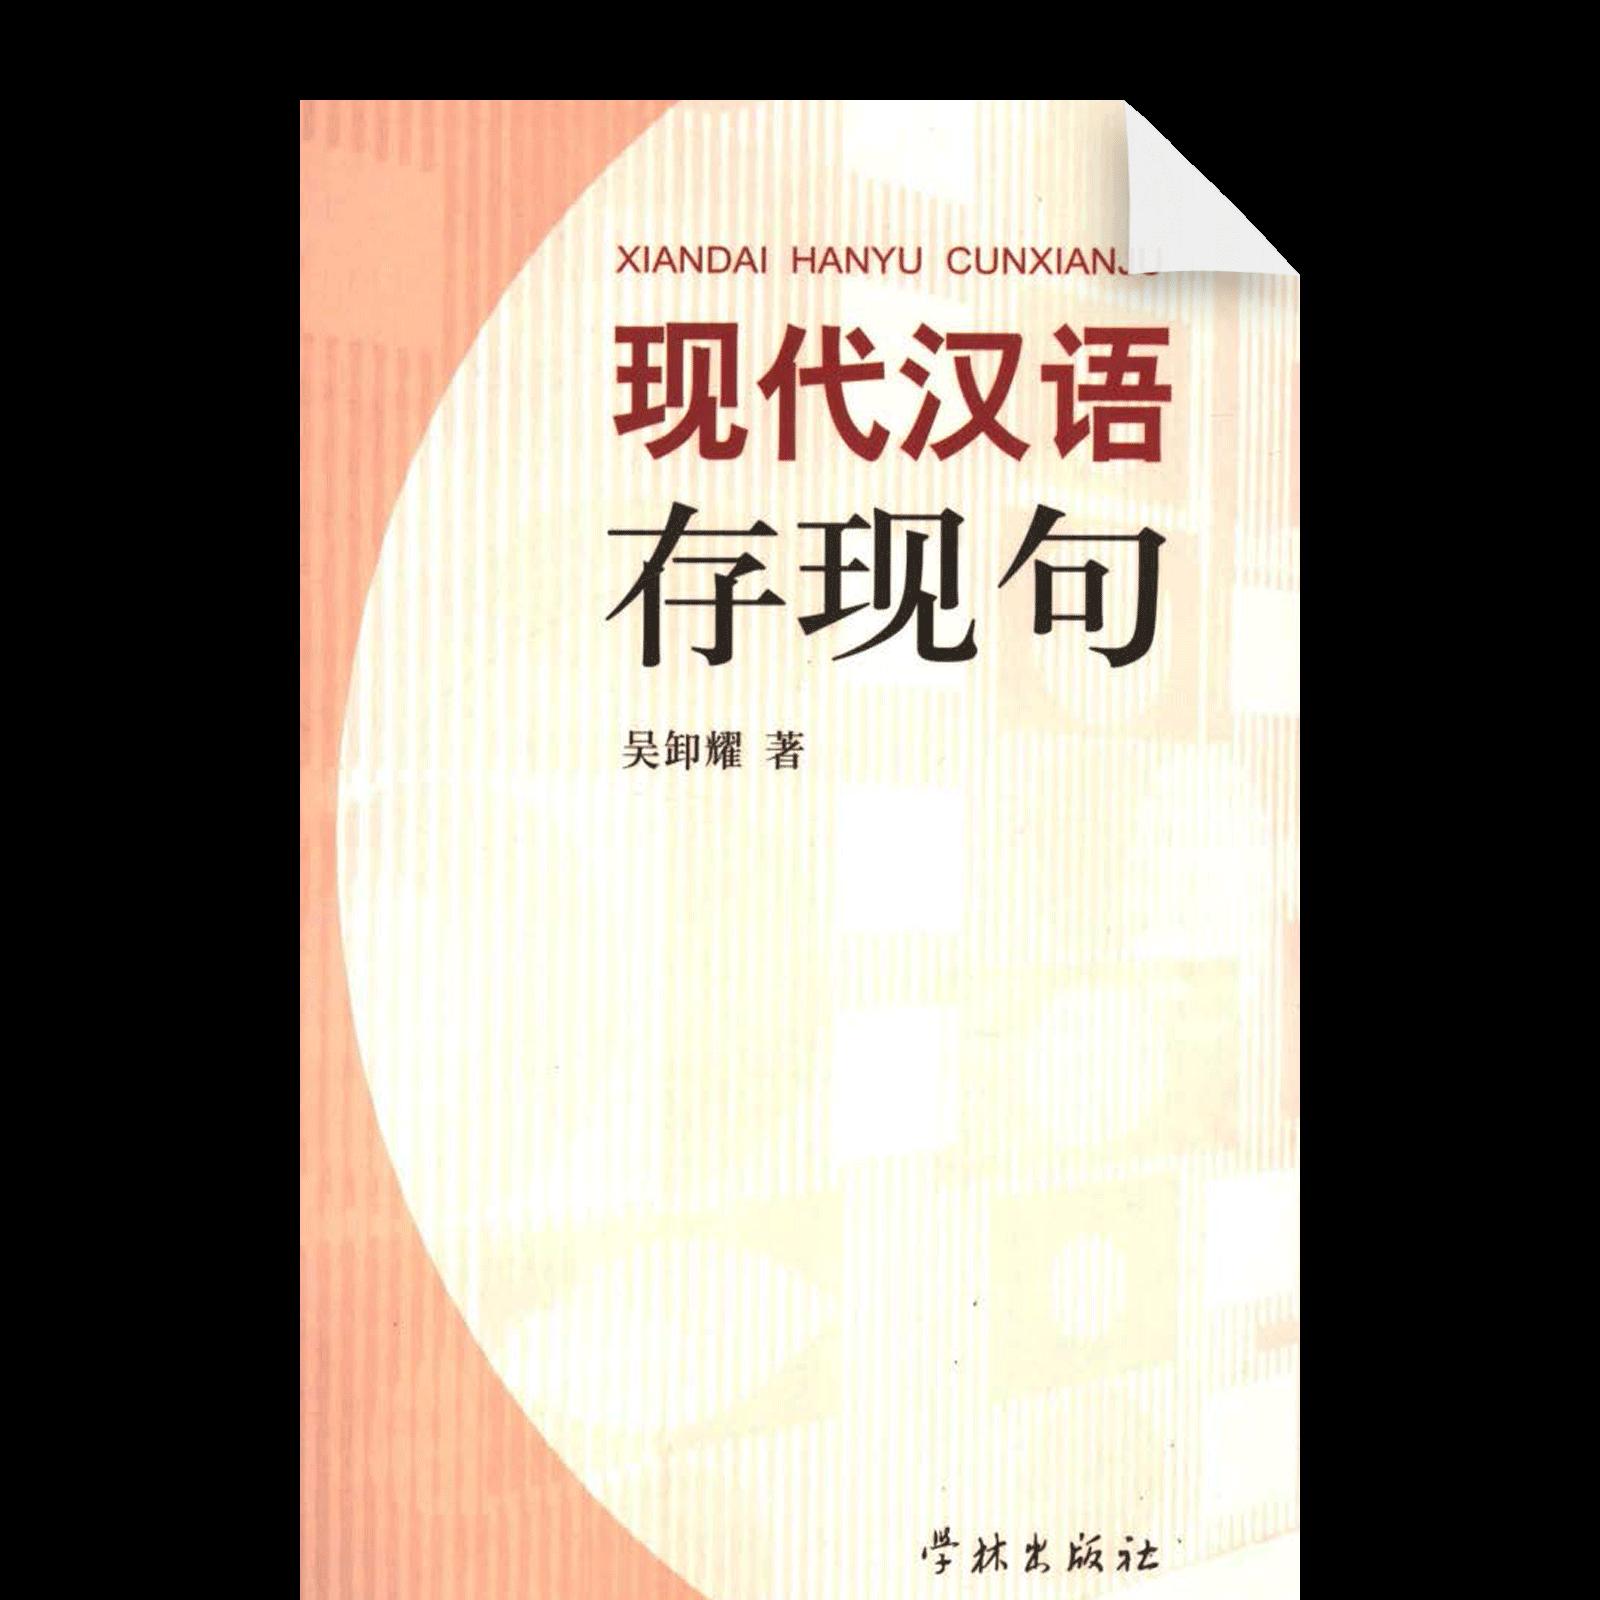 Xiandai Hanyu Cunxianju